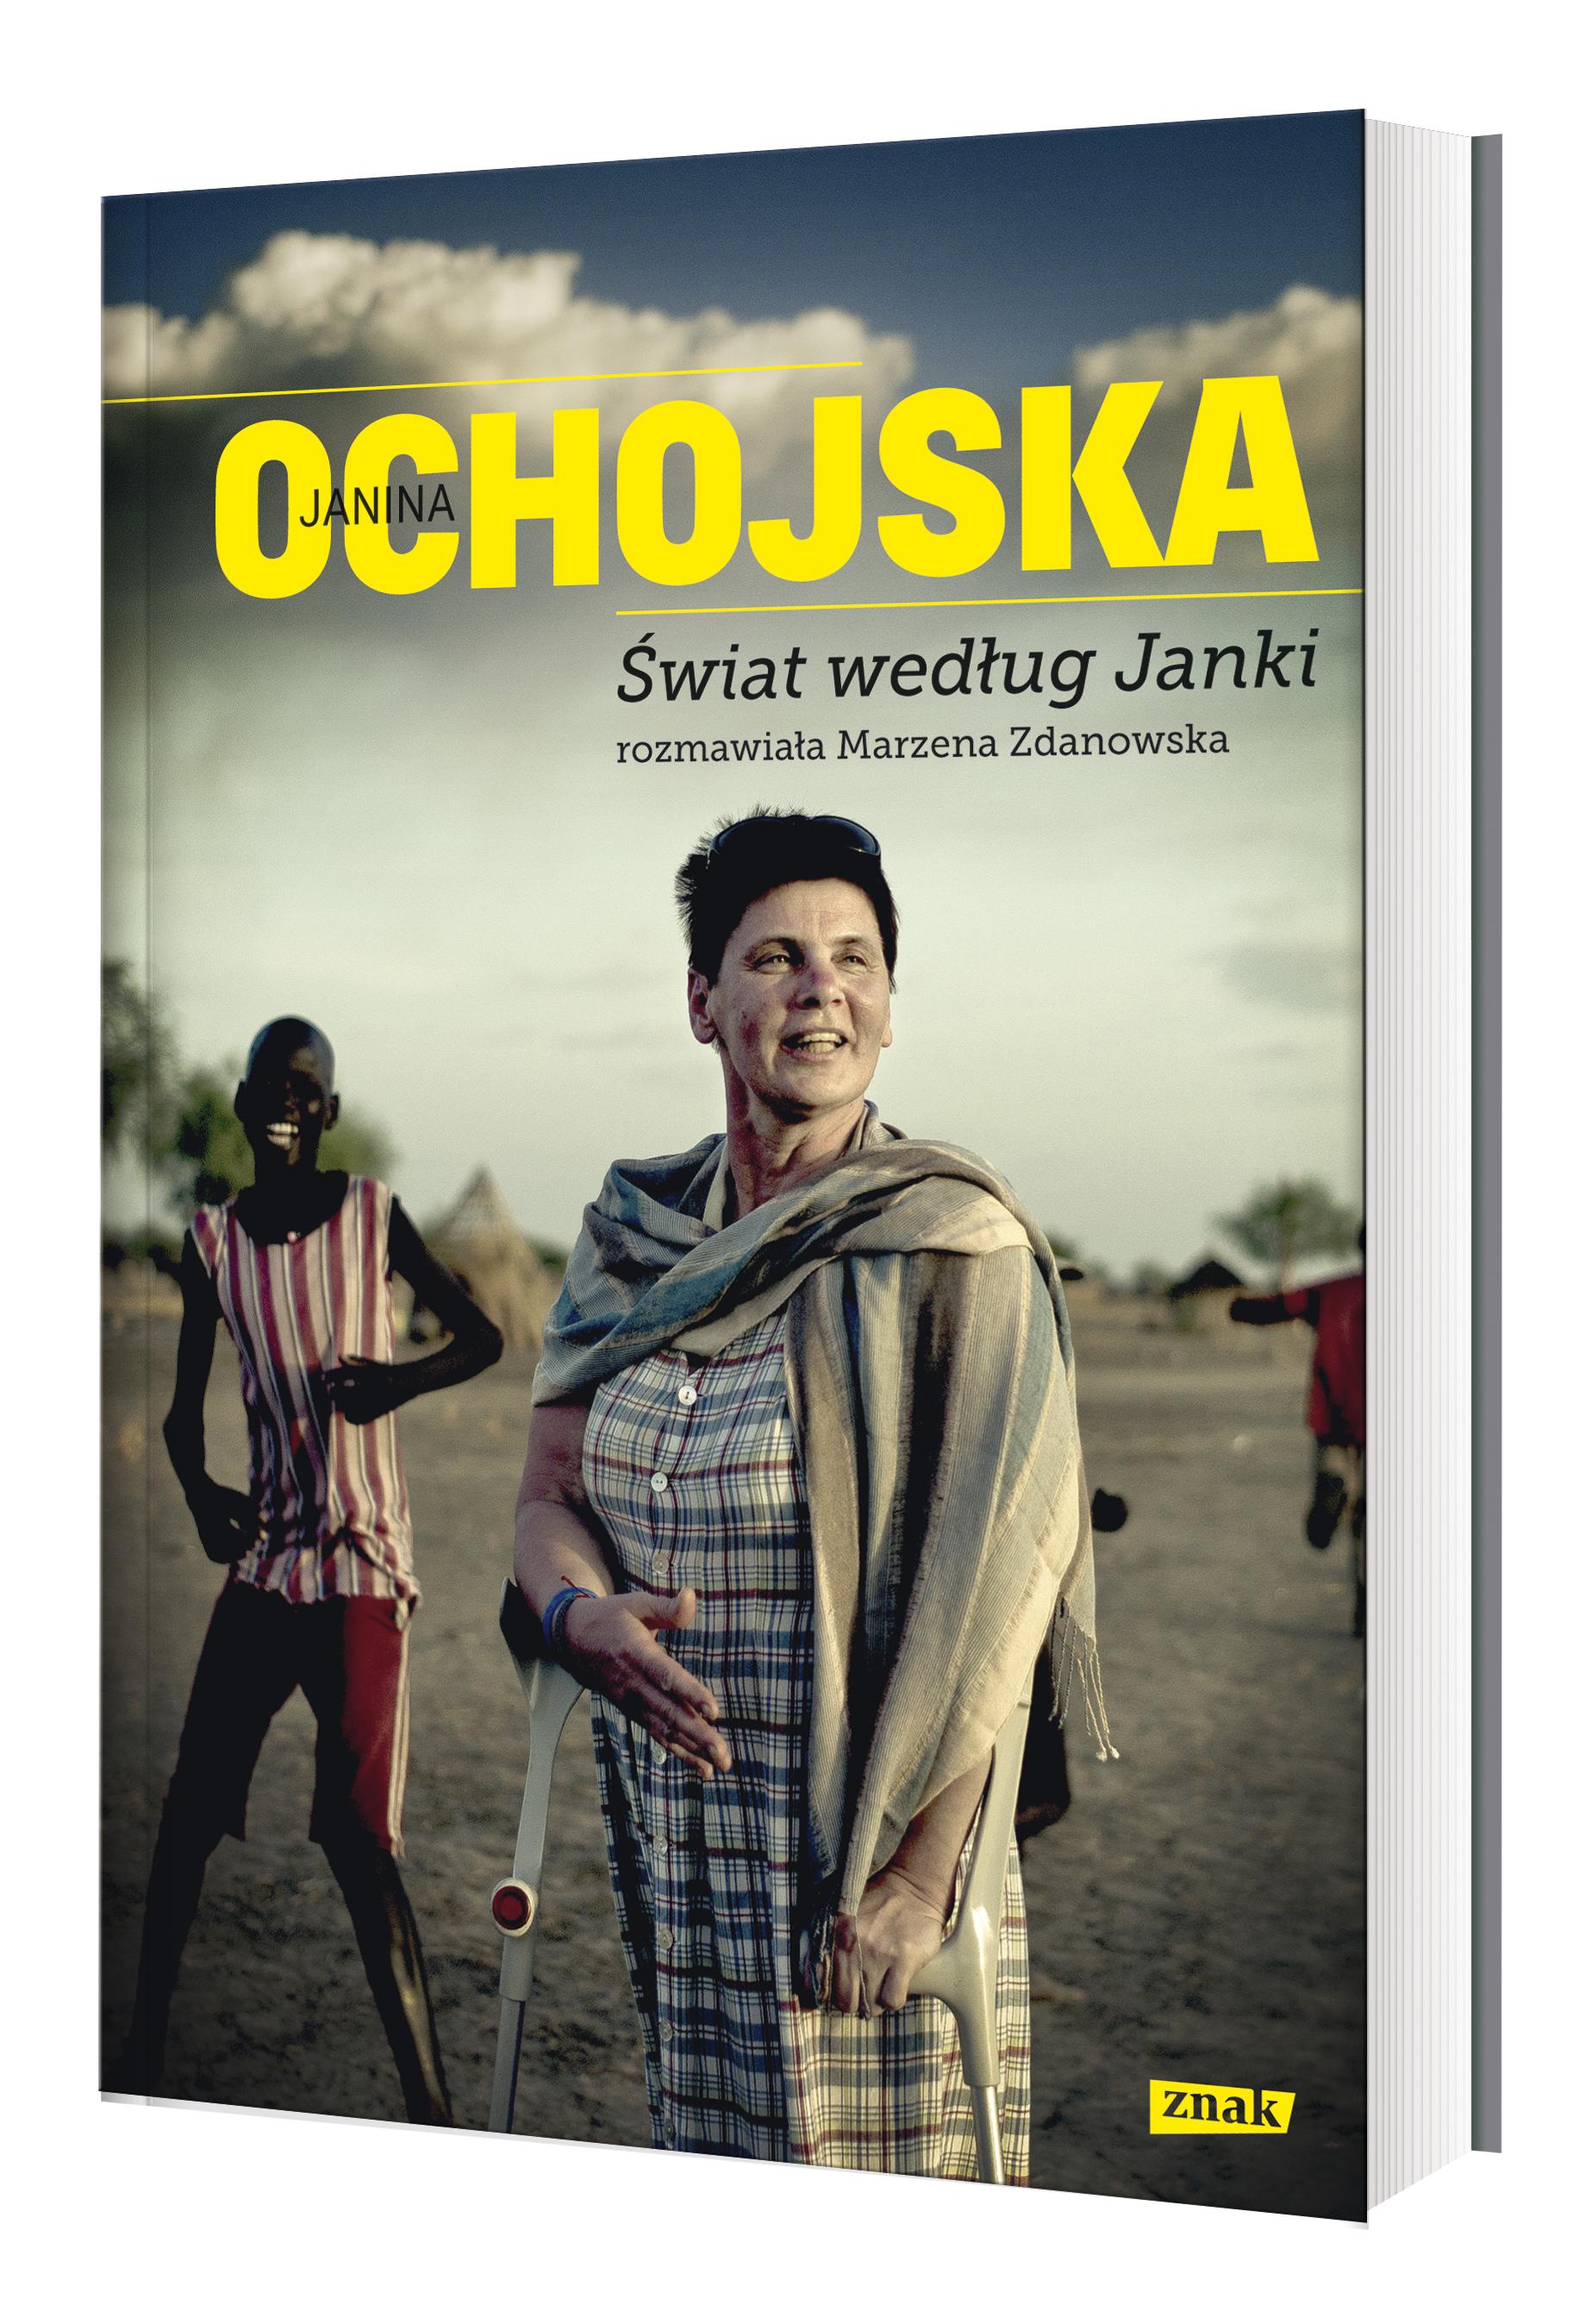 Janina Ochojska w Opolu